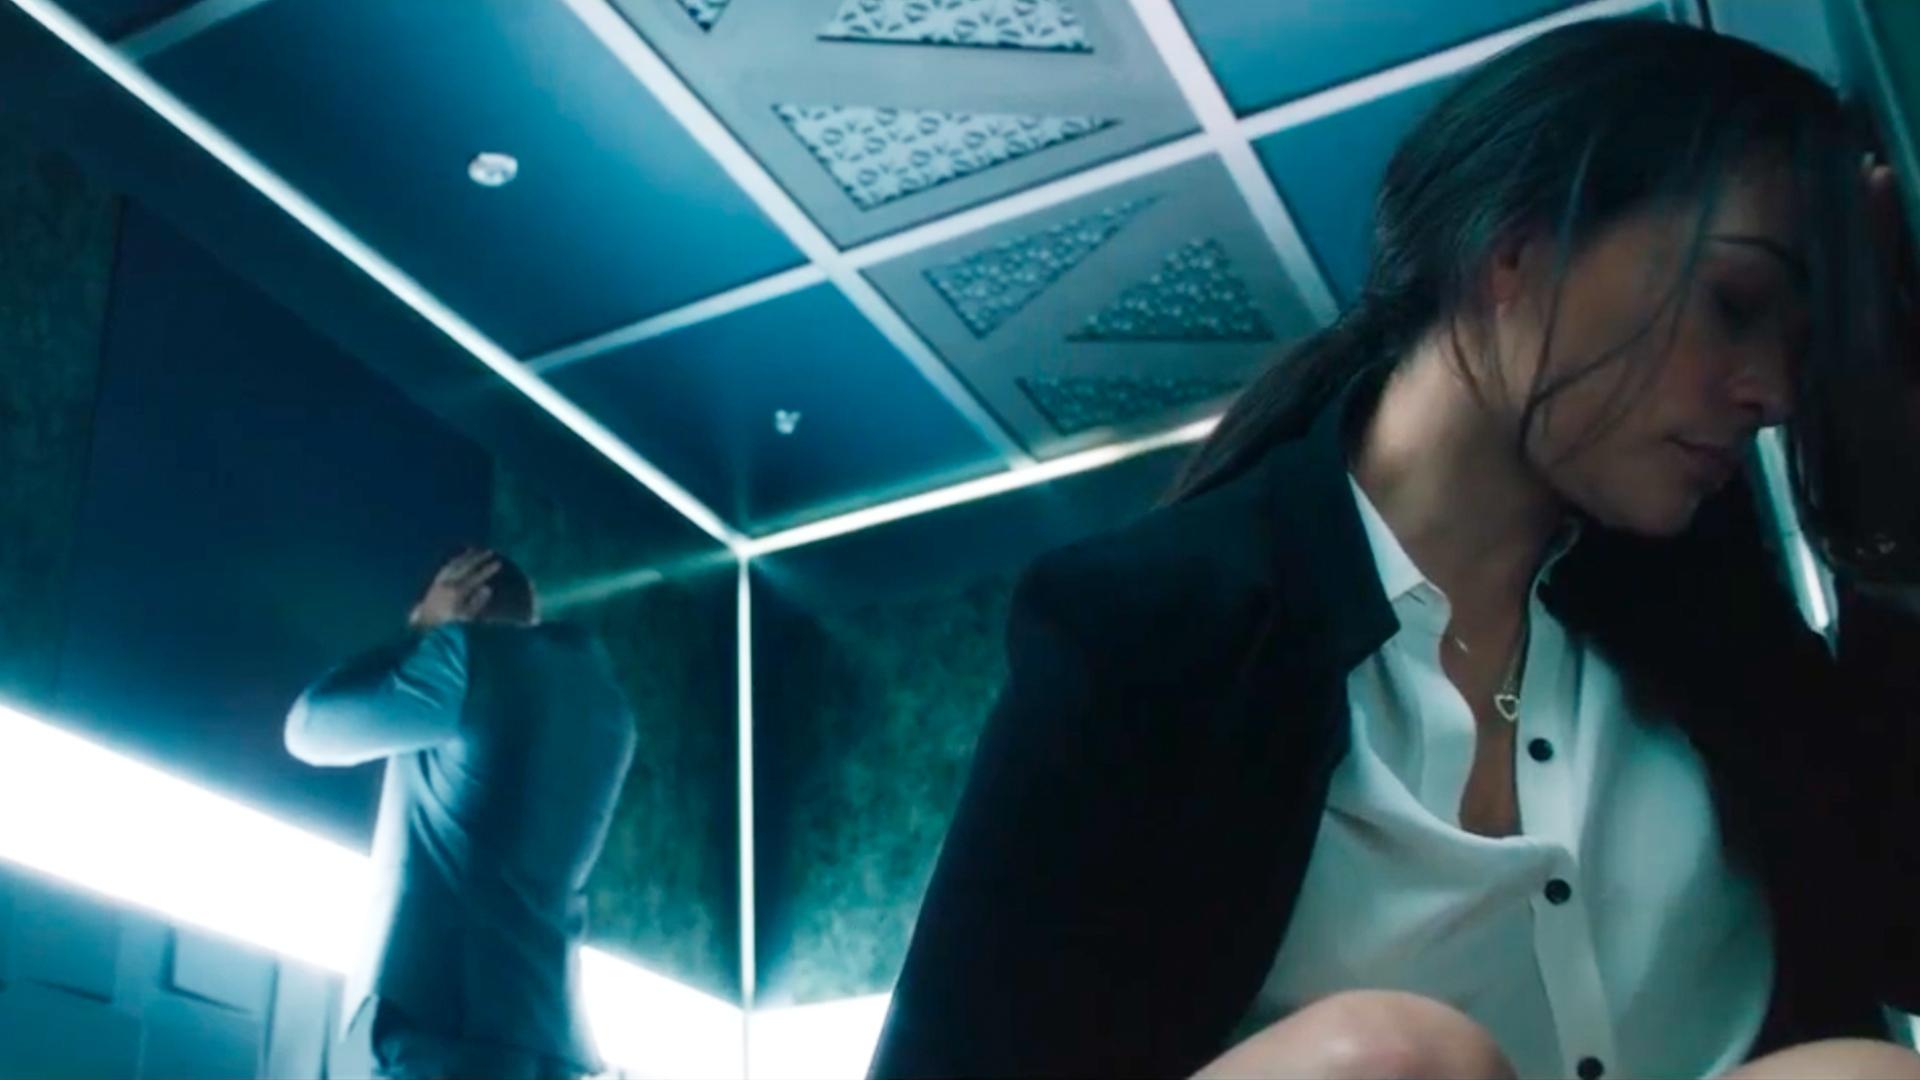 1男1女被困电梯54个小时,出来后,却急忙跑去删除监控视频